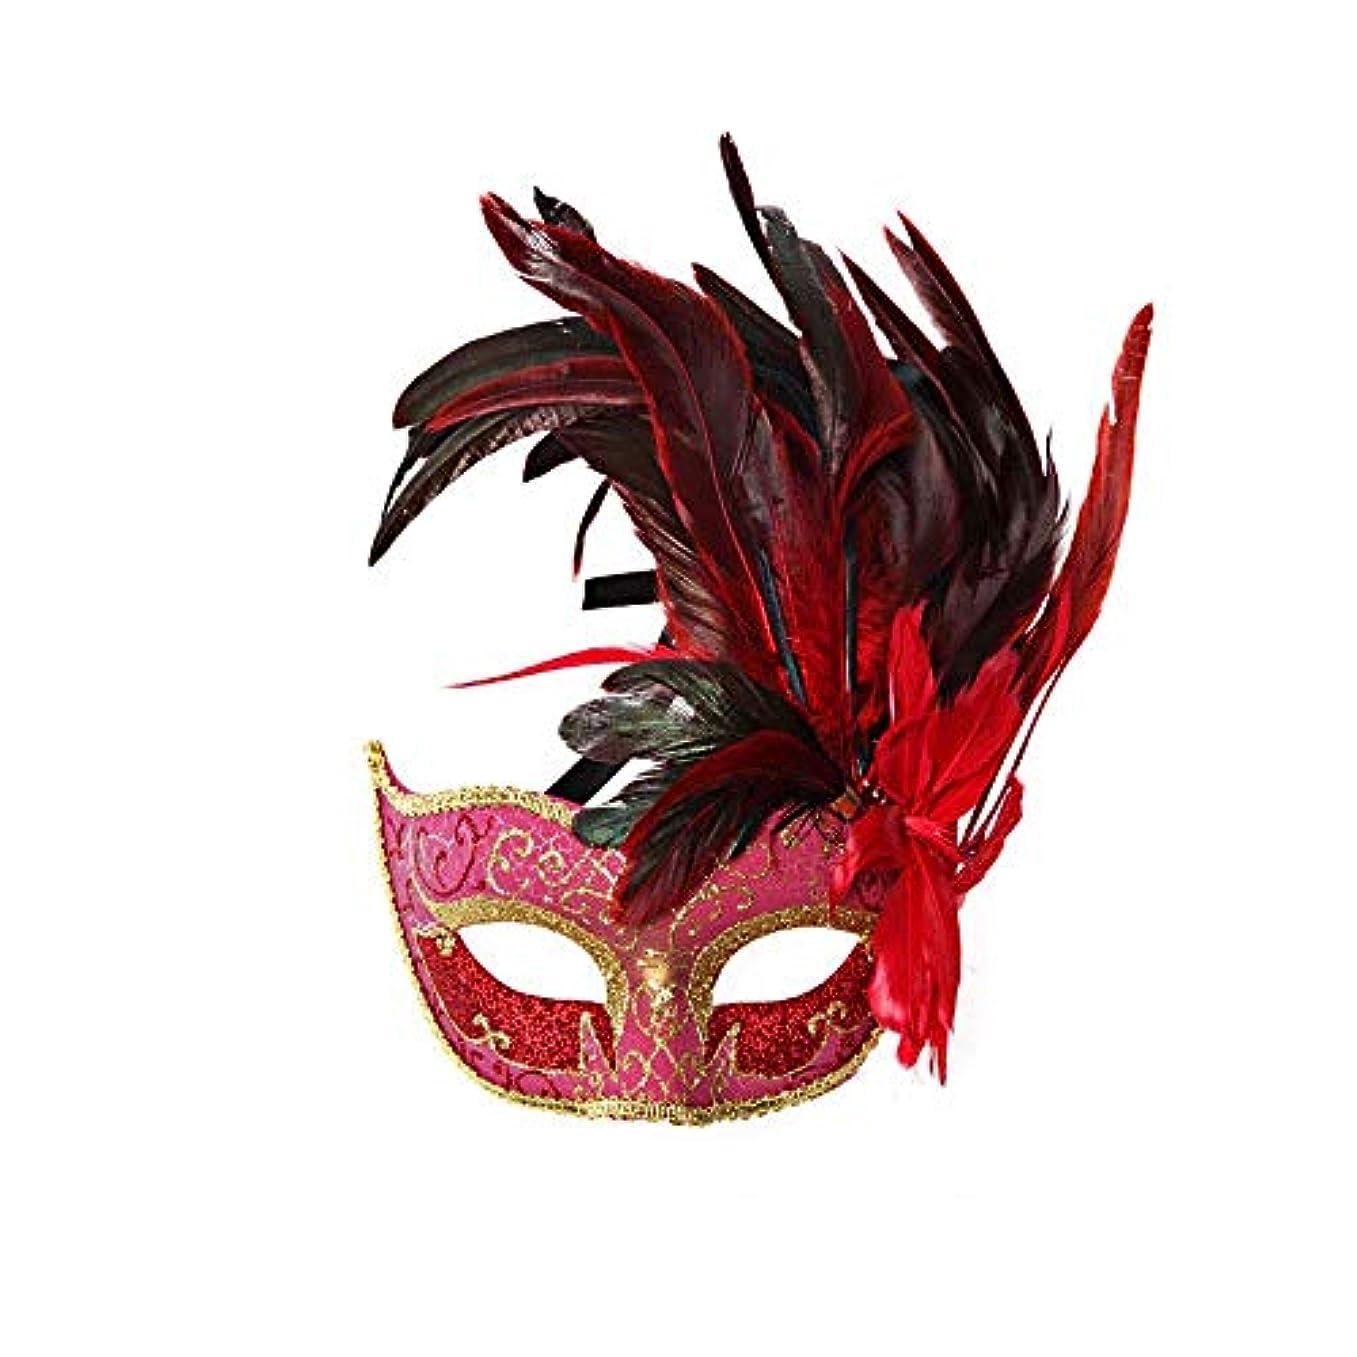 エレメンタル飛行場電池Nanle ハロウィンマスクハーフフェザーマスクベニスプリンセスマスク美容レース仮面ライダーコスプレ (色 : Style A red)